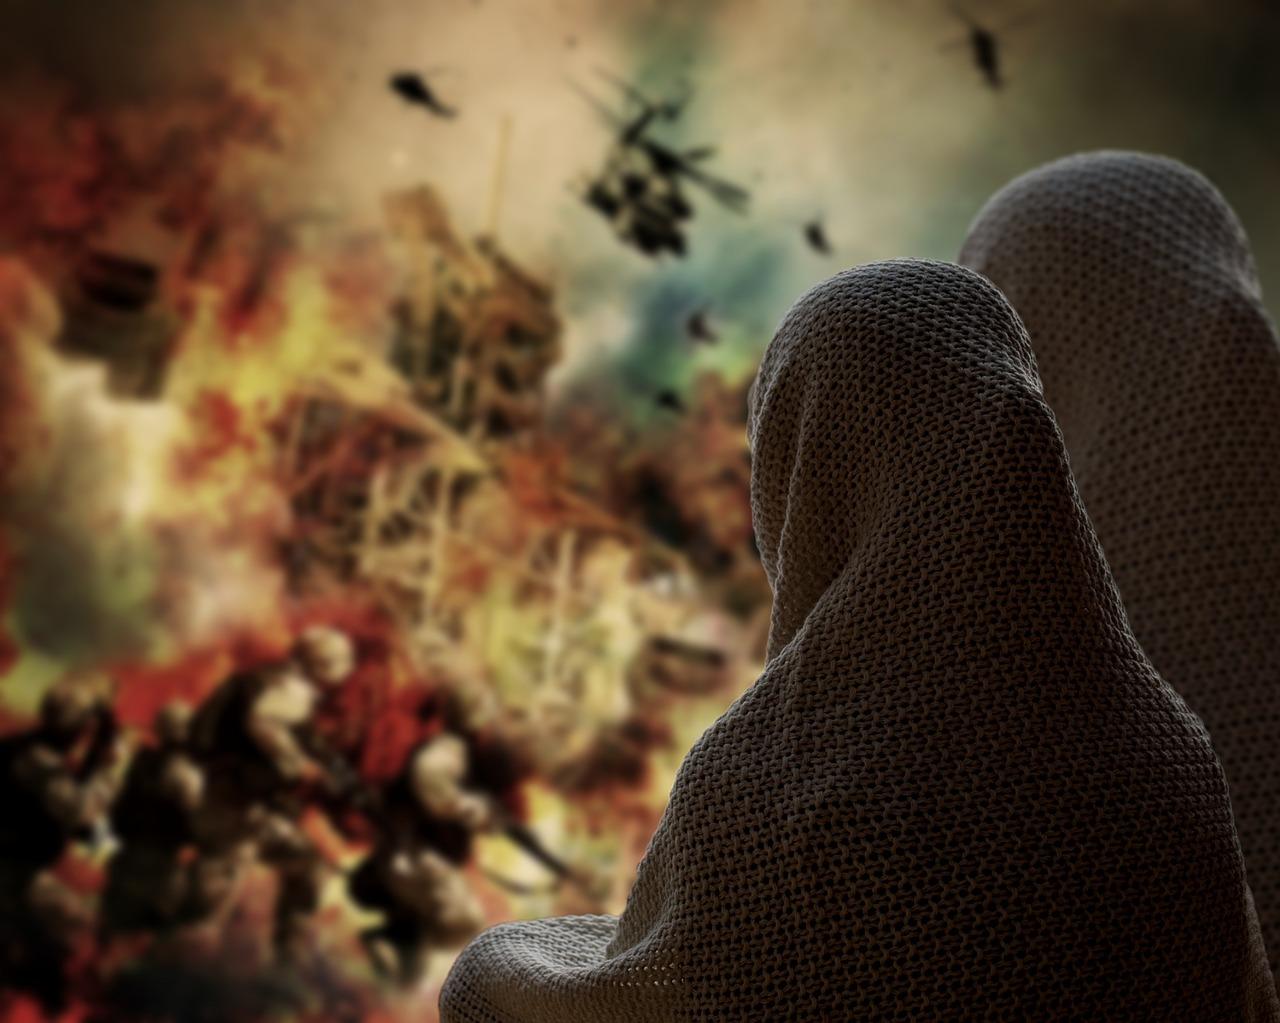 сирия, беженец, конфликт